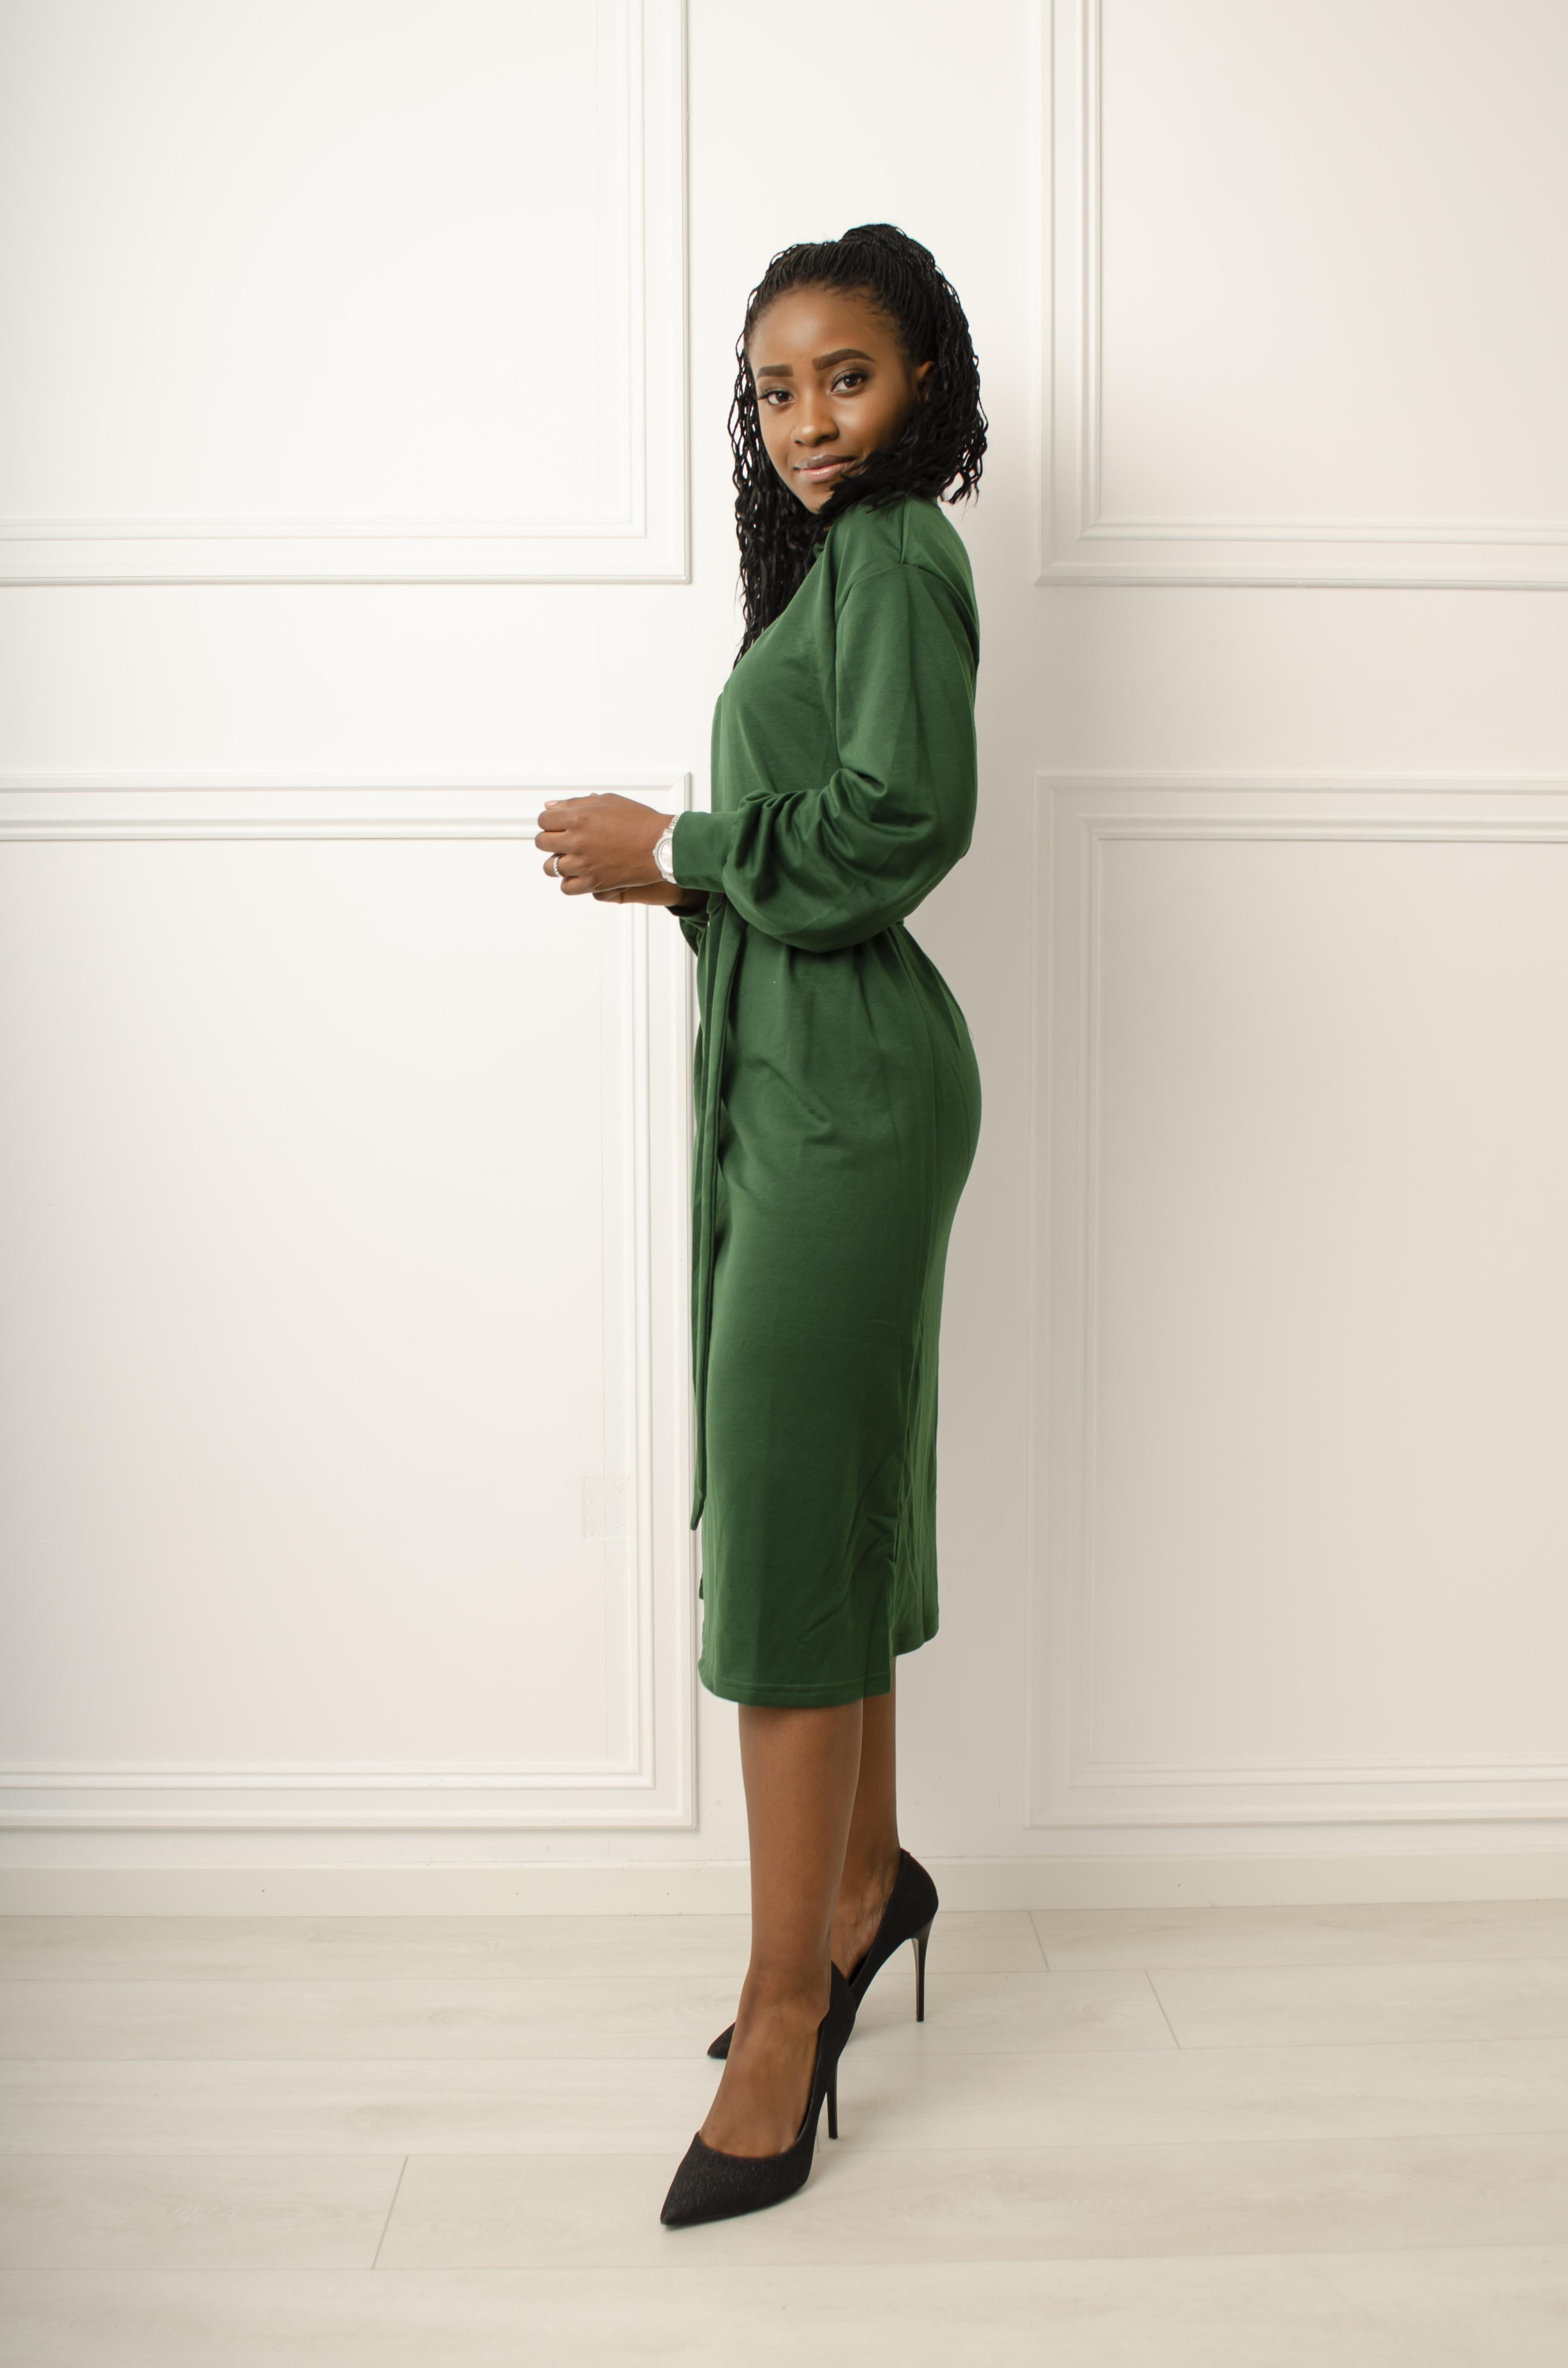 Motehus AS Kjole Victoria grønn